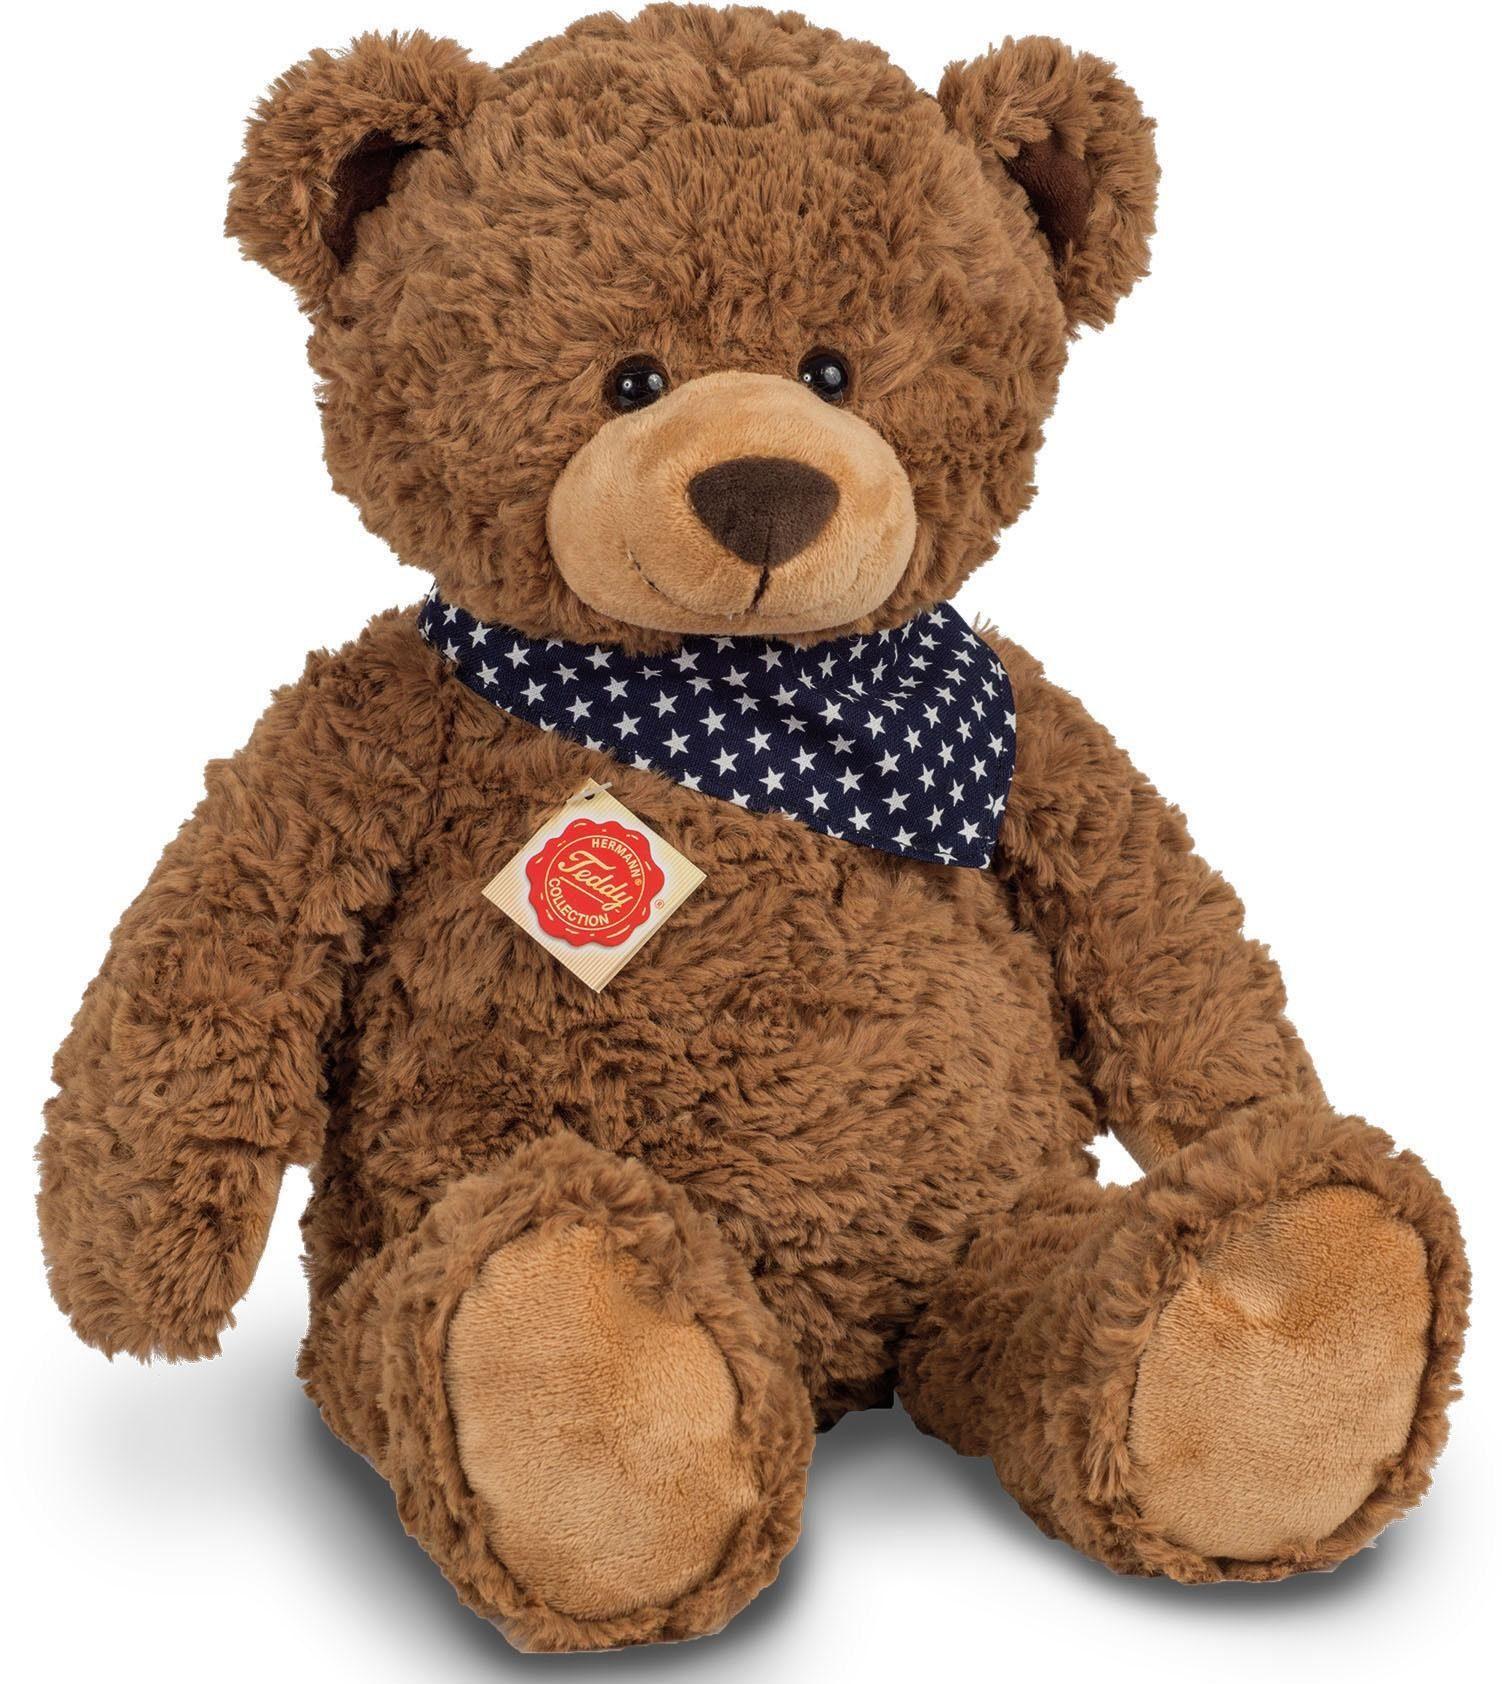 Teddy Hermann Stofftier Kuscheltier Bär beige ca 20 cm. Stofftiere